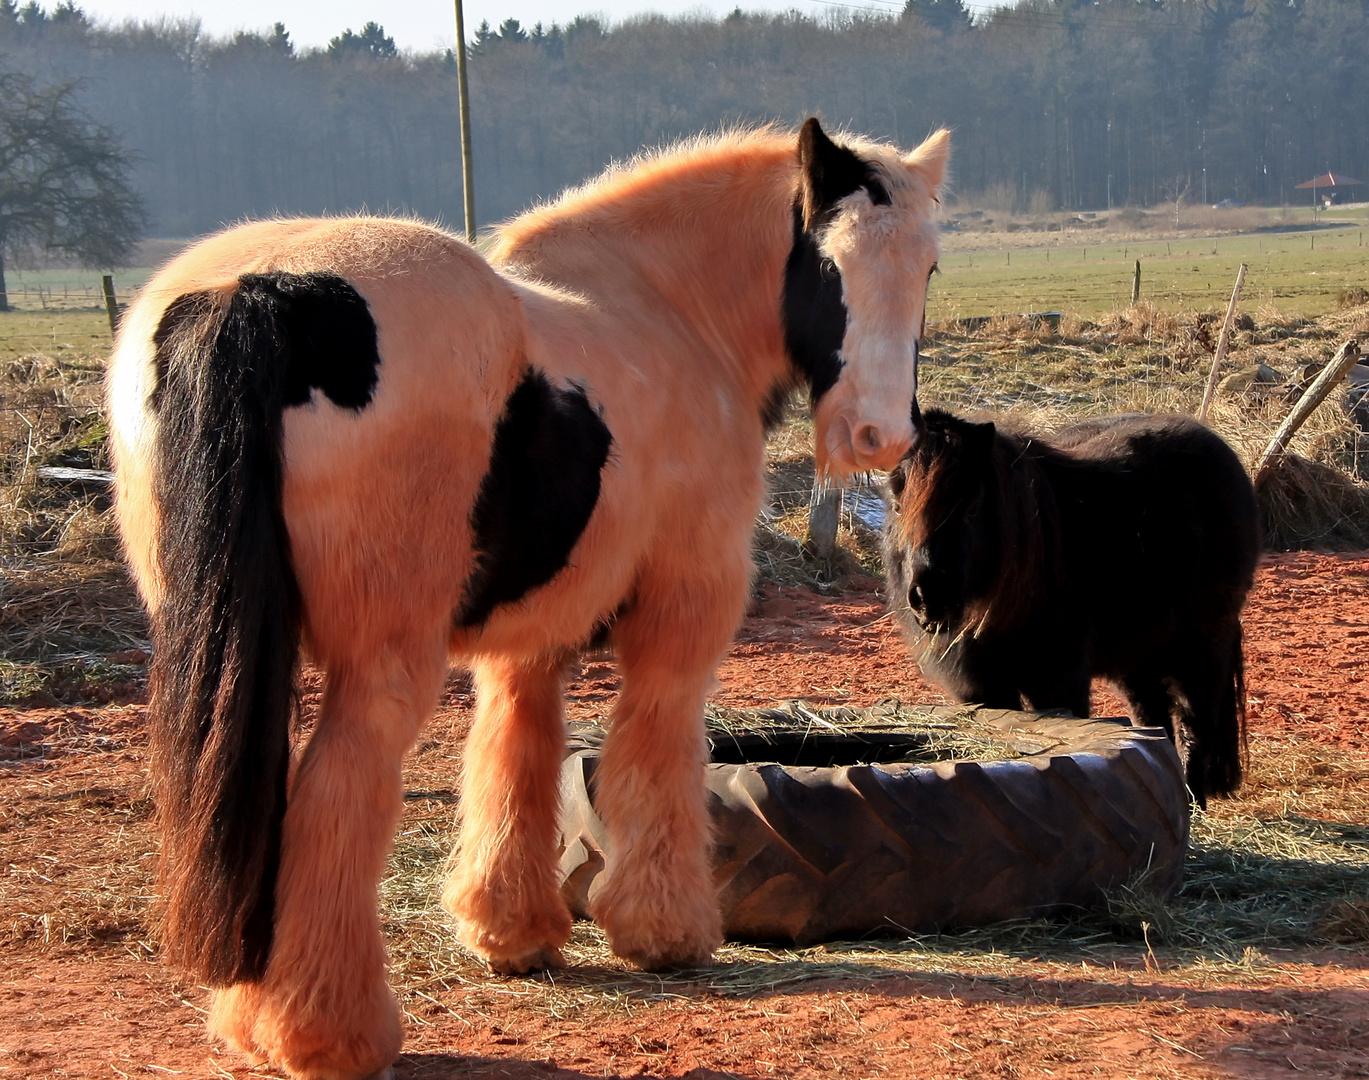 Was guckst du ? Noch nie ein rosa Pferd gesehen